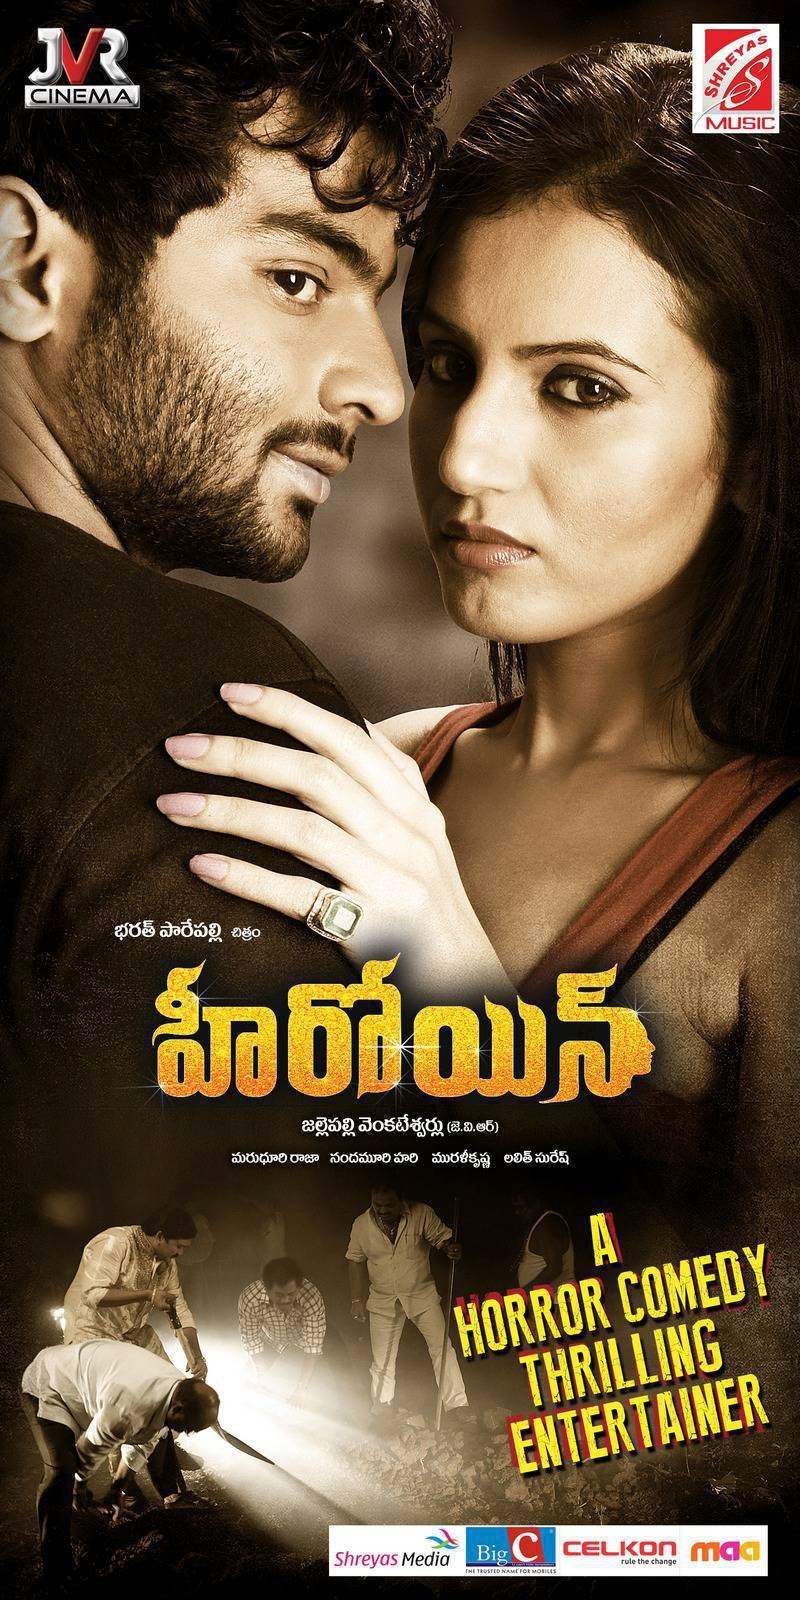 Heroine Movie HD Posters